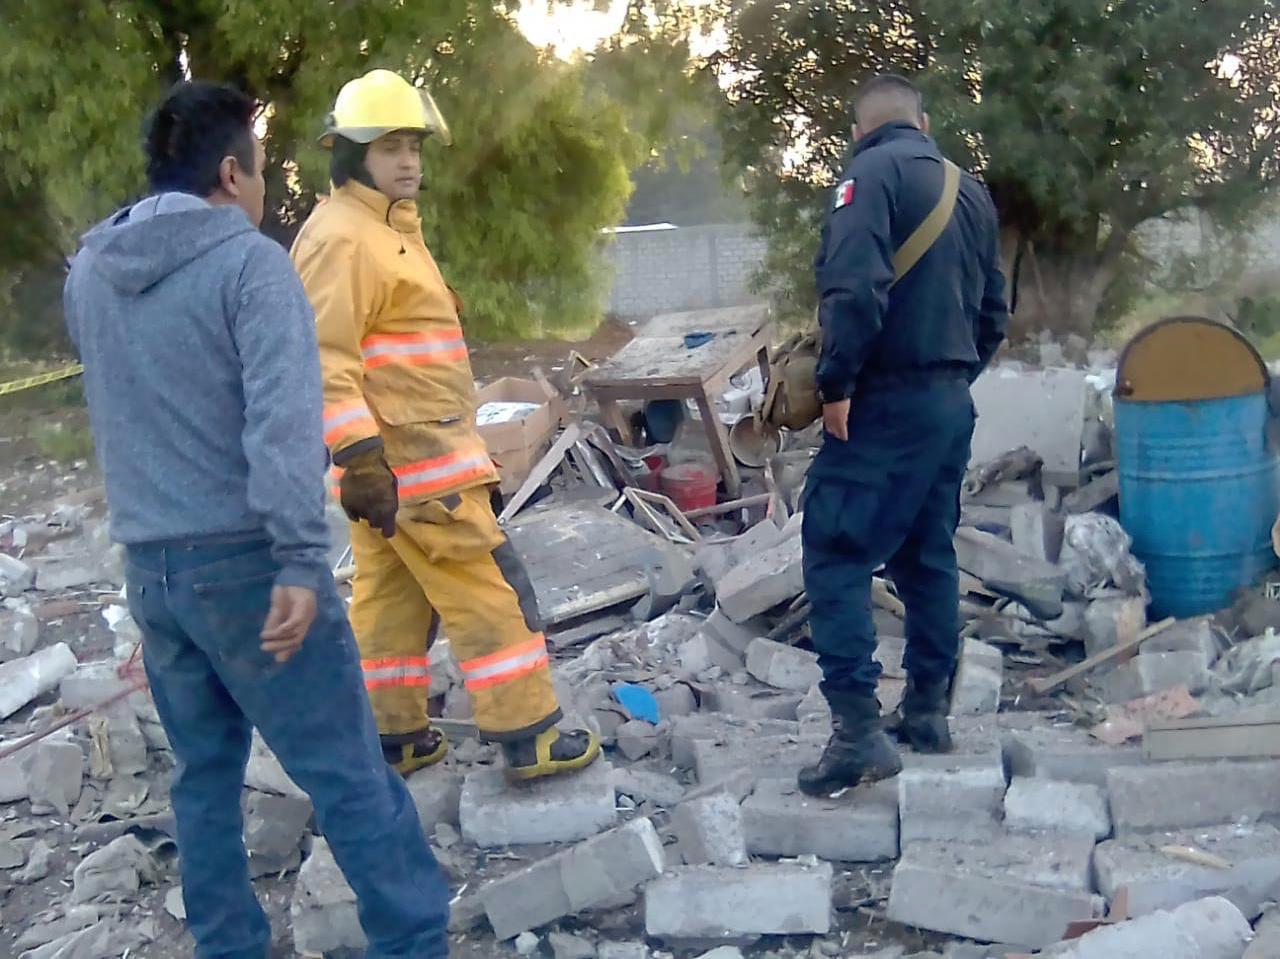 Registran una explosión en Tultepec. Fallece una persona - Abr 18, 2020